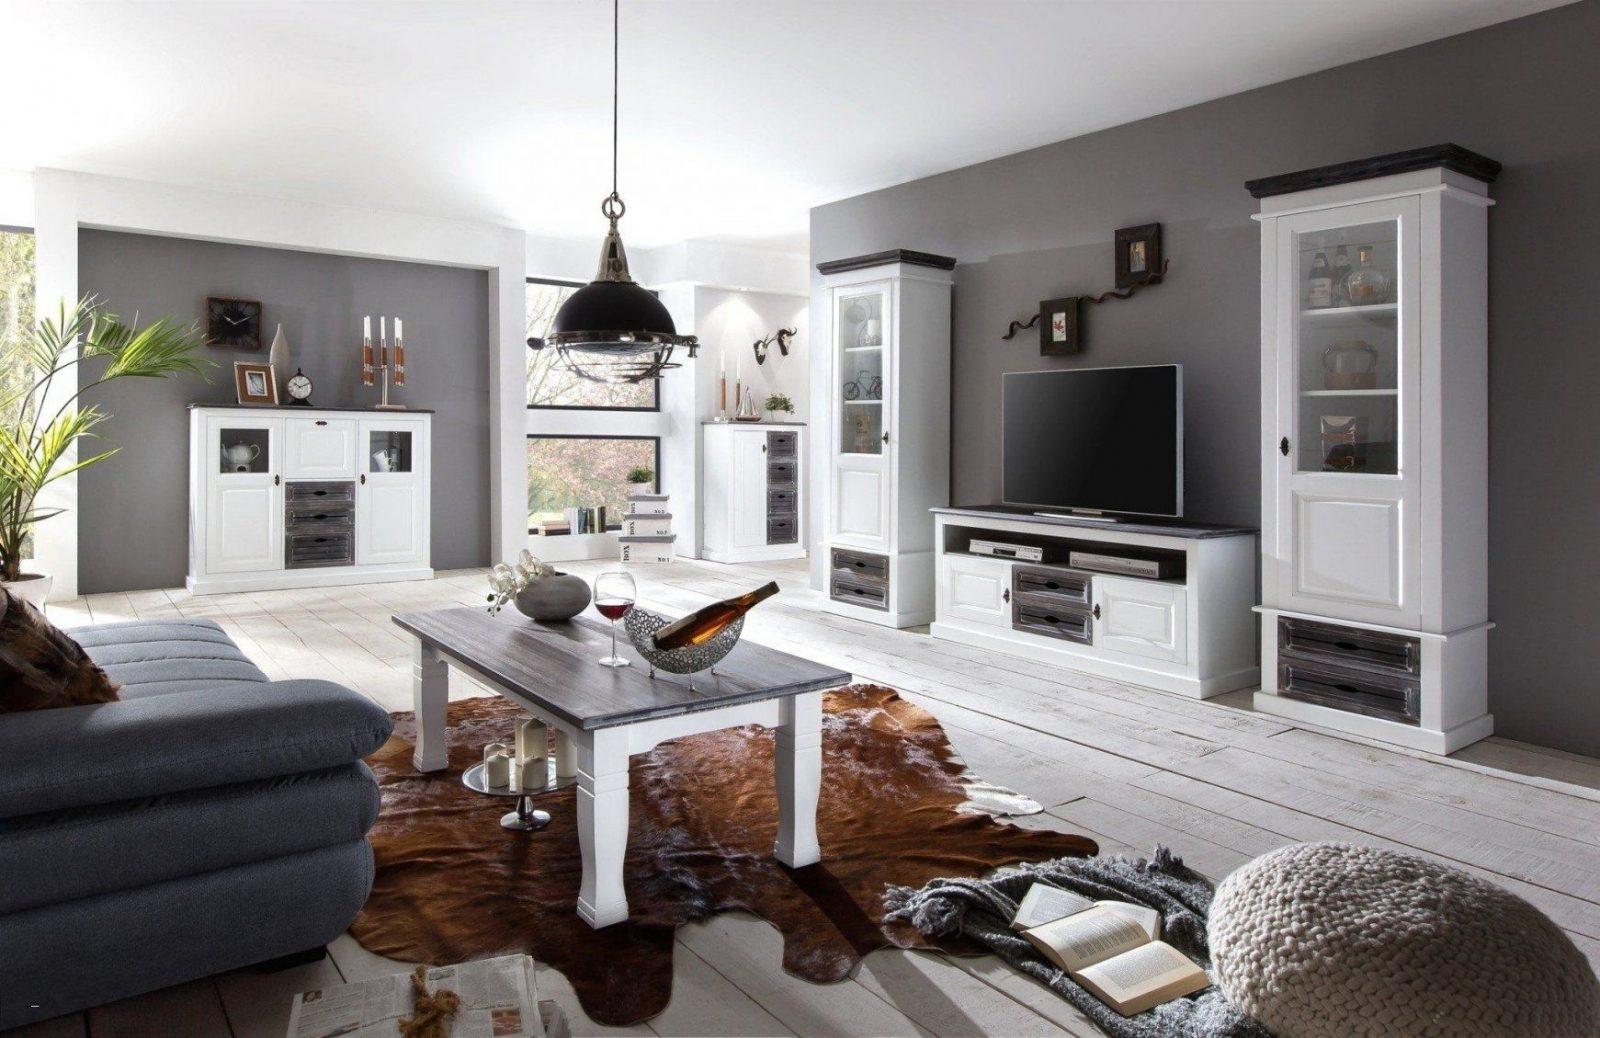 Welche Wandfarbe Passt Zu Braunen Möbeln Frisch Groß Wandfarbe Bei von Welche Wandfarbe Passt Zu Dunkelbraunen Möbeln Bild